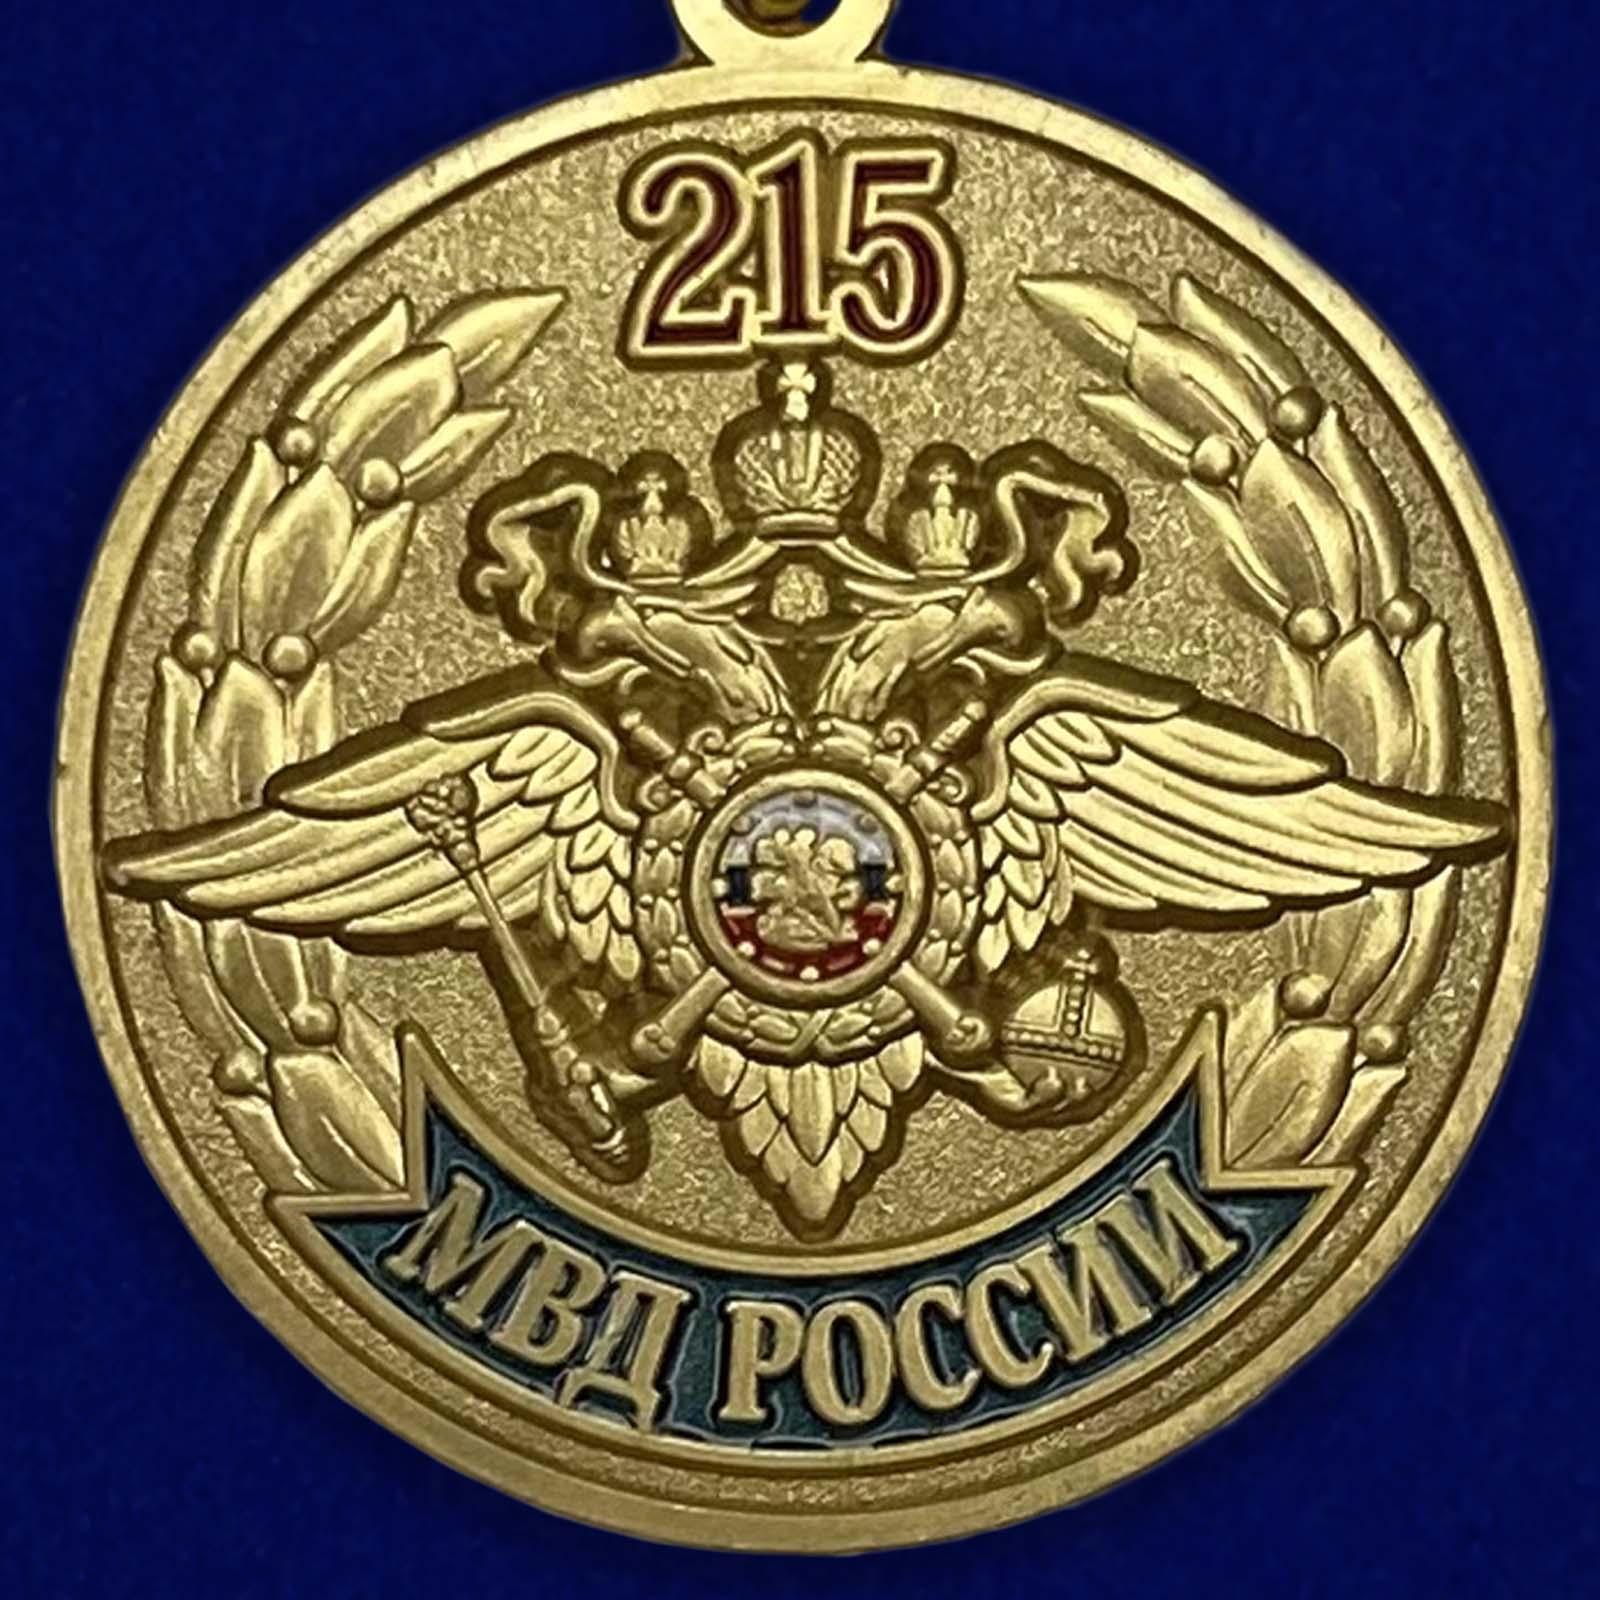 Юбилейная медаль 215 лет МВД России